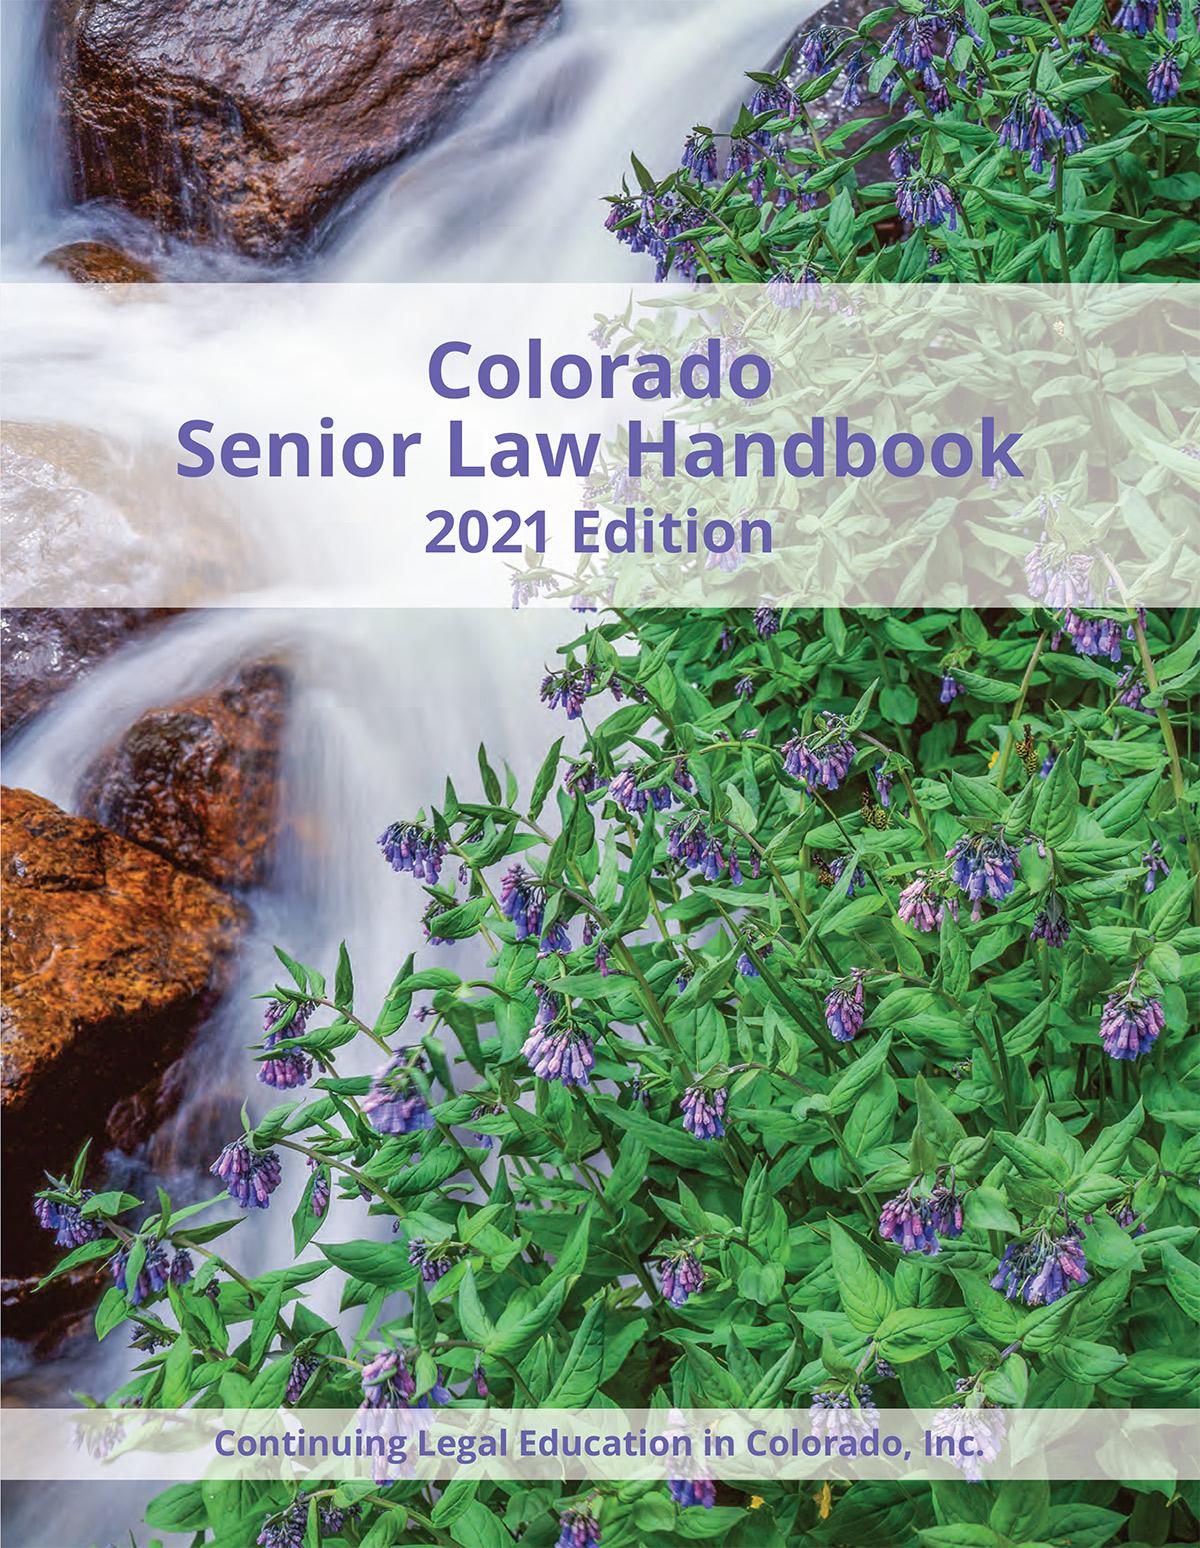 Colorado Senior Law Handbook